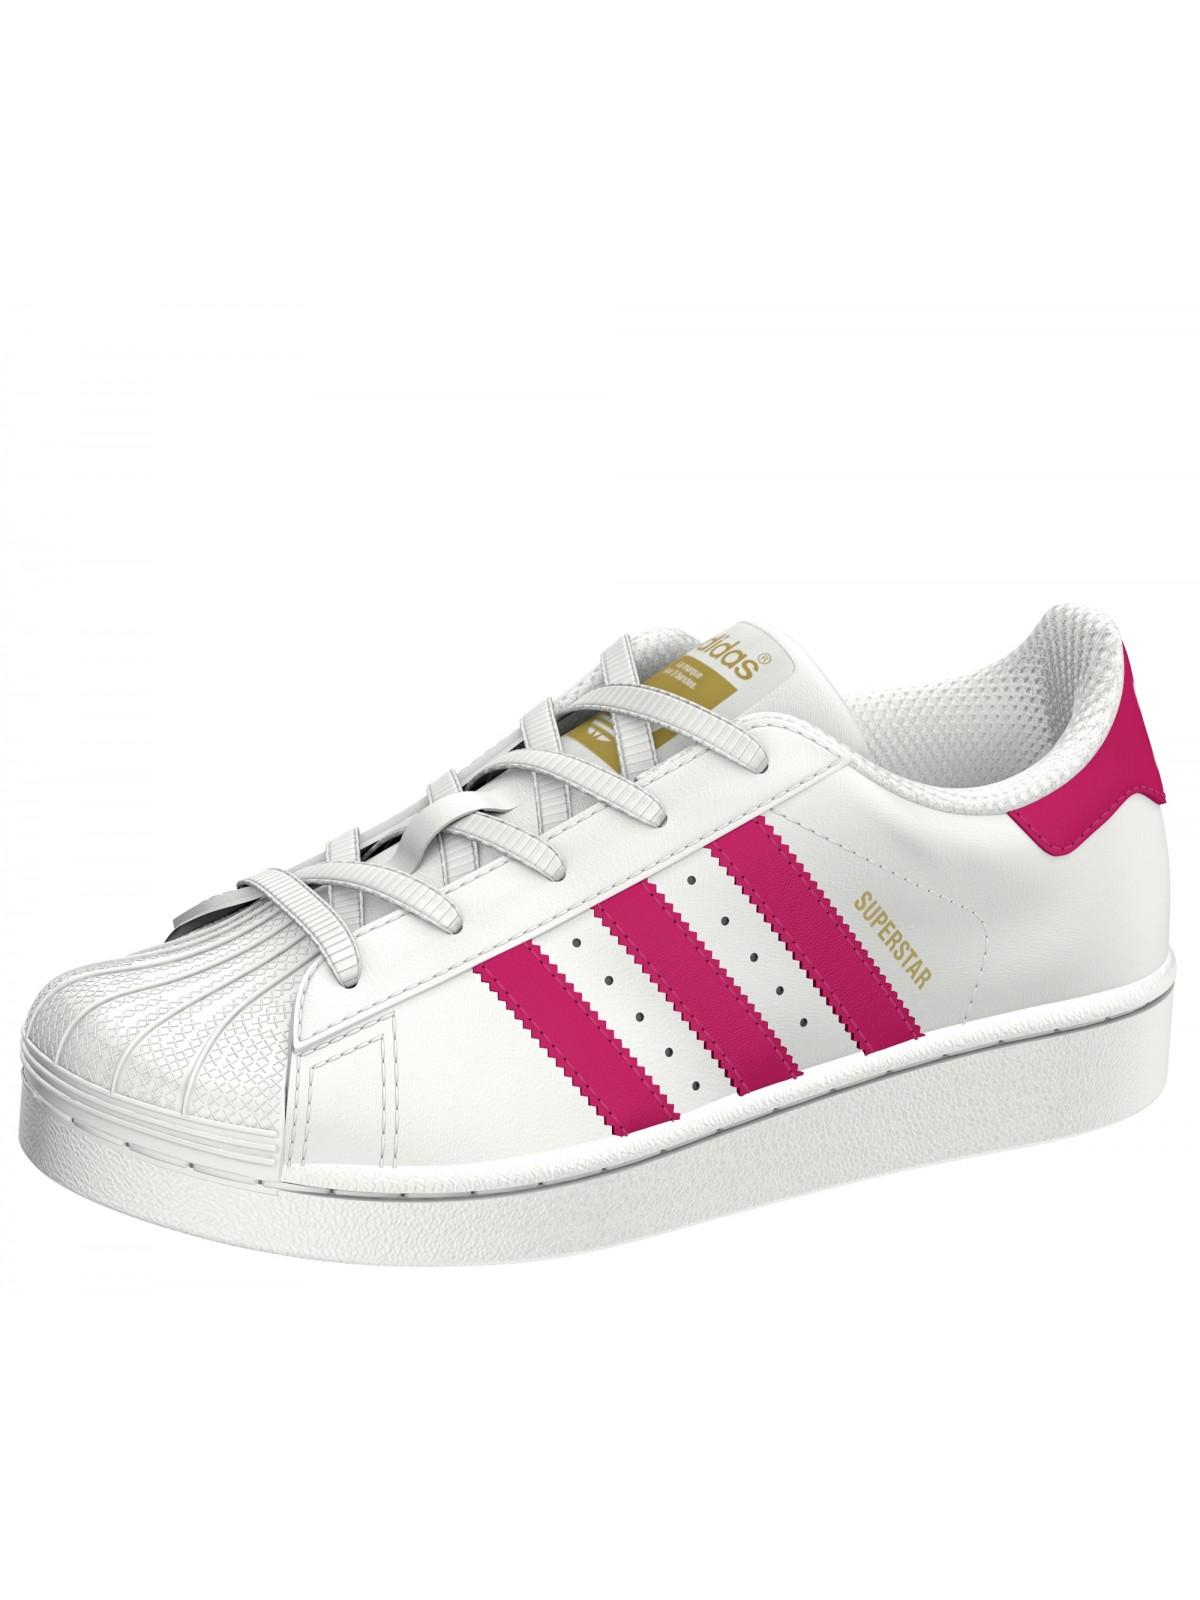 Adidas Superstar Cadet blanc / rose